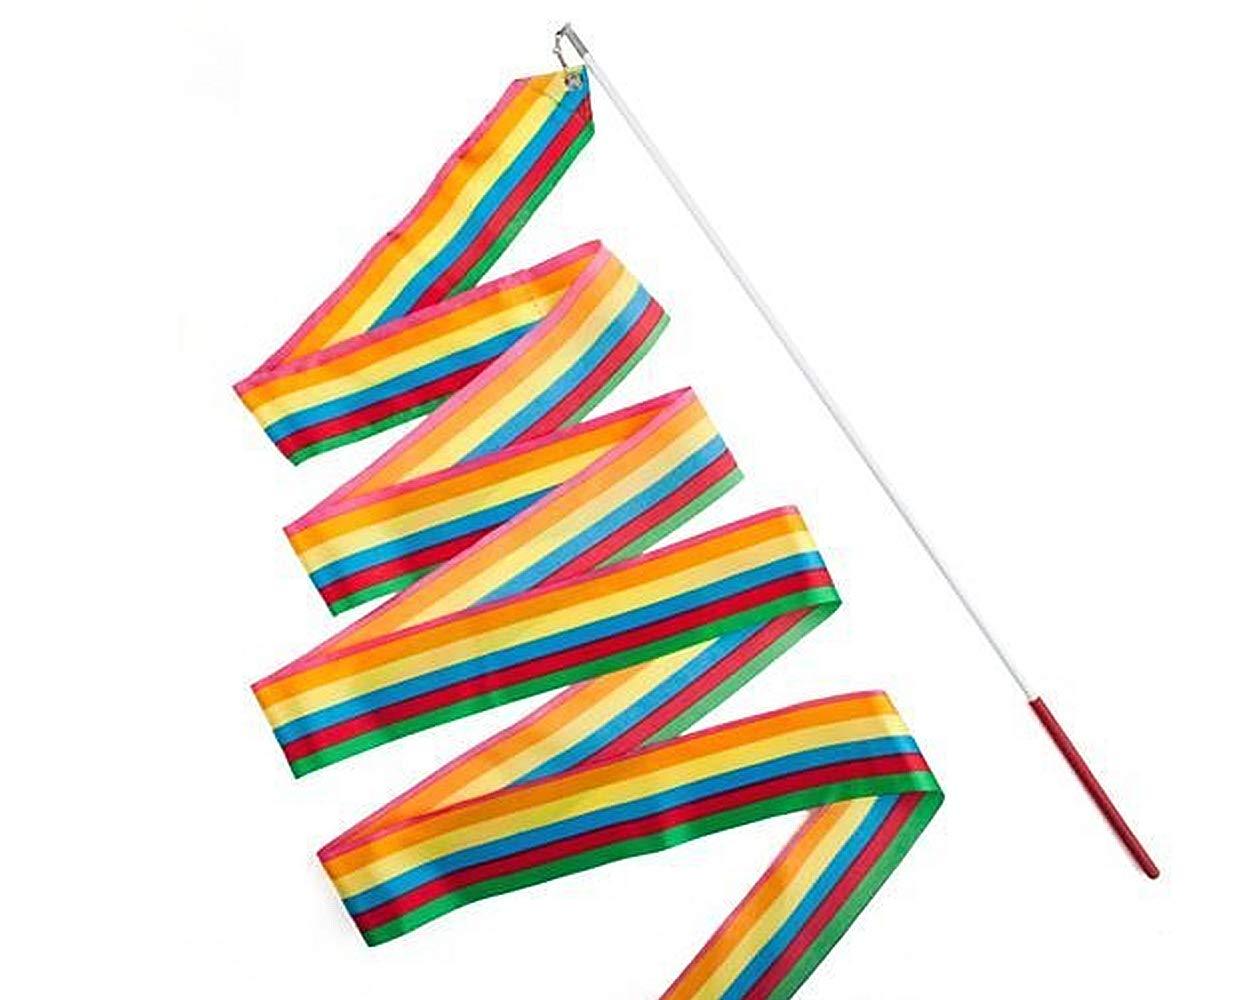 【保証書付】 ACE SELECT ダンスリボン WAND 4m WAND リズミック 体操 リボン 子供用 ダンス ダンス ストリーマー 子供用 バトントワリング用 B07GKJZWXD レインボー レインボー, クラシック:9f2f740c --- synnexsoftech.com